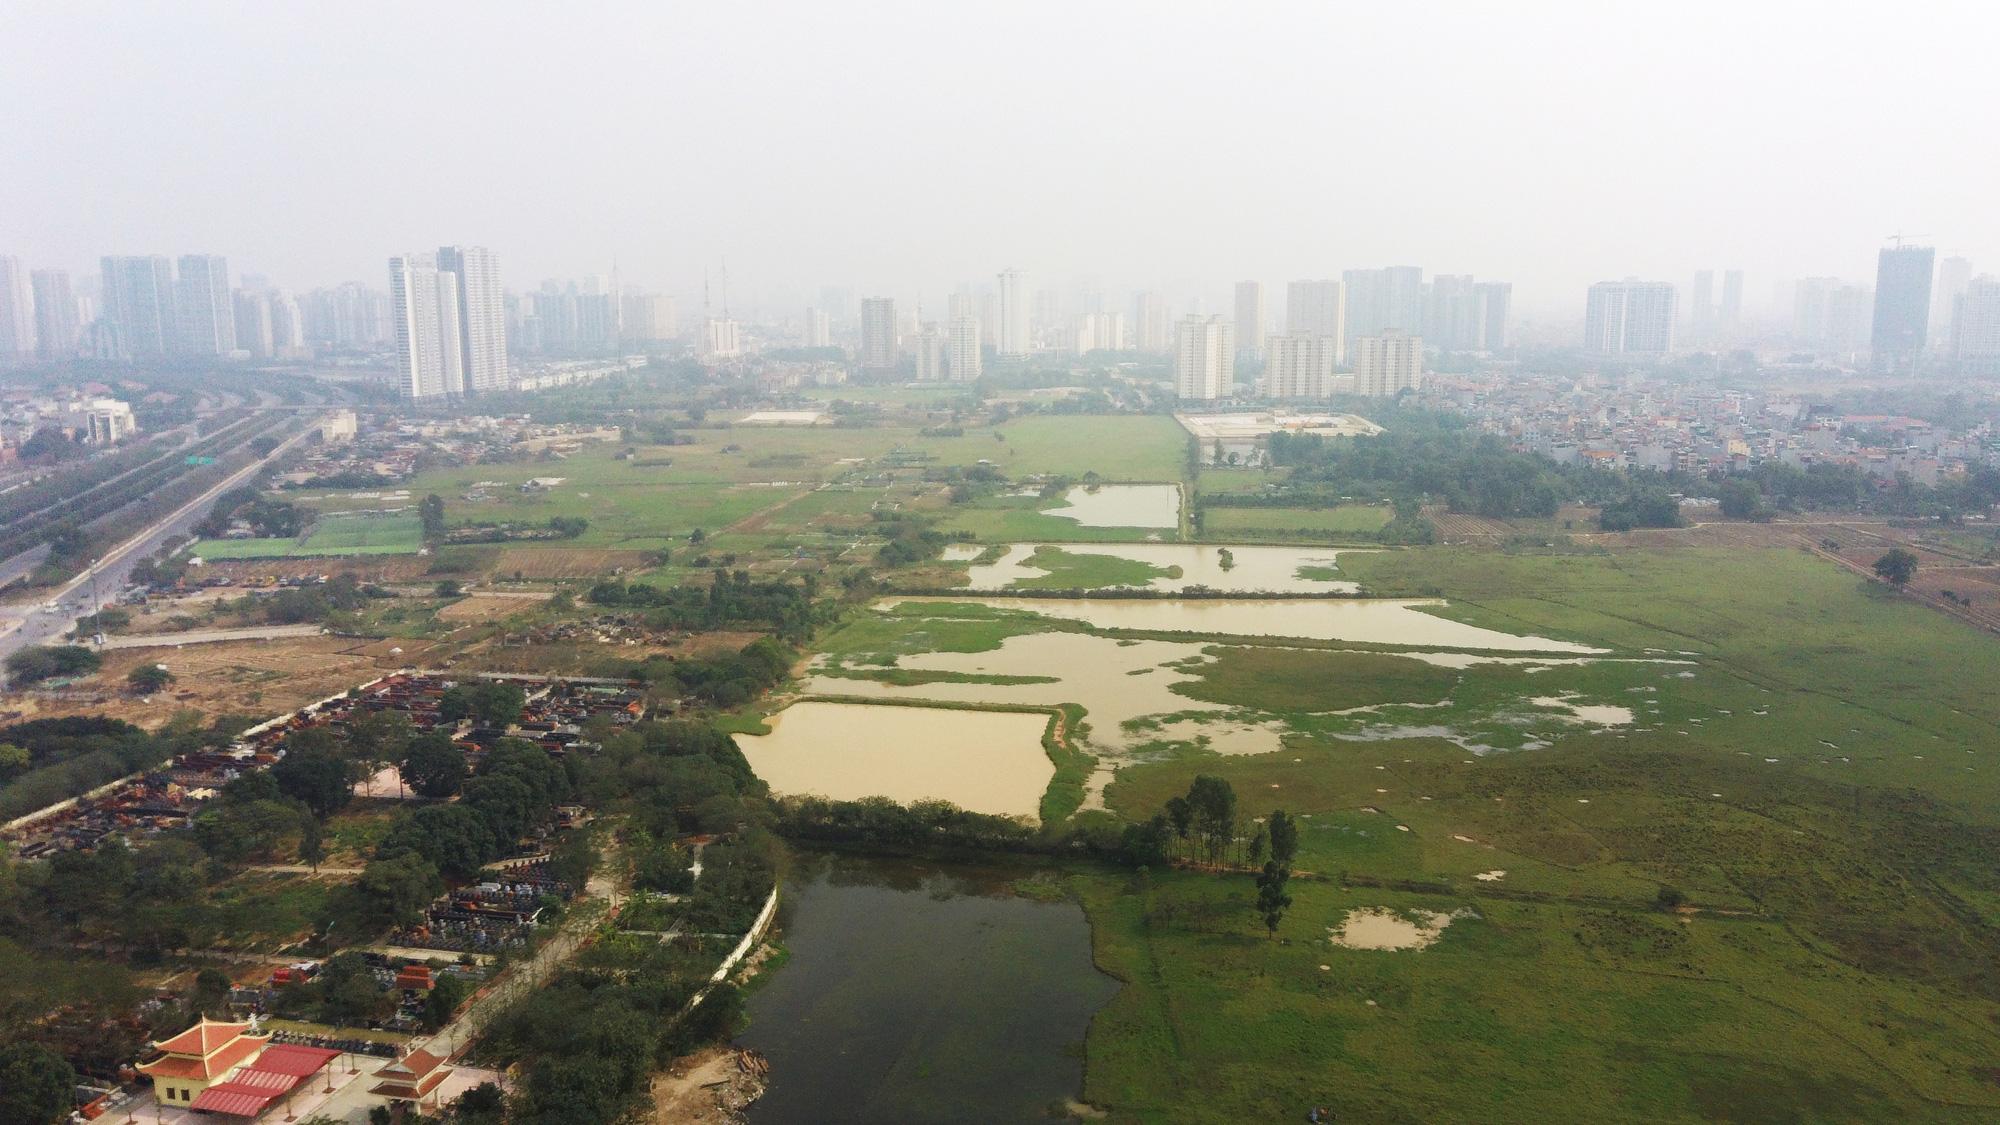 4 mảnh đất sẽ được đào hồ lớn ở quận Nam Từ Liêm - Ảnh 8.